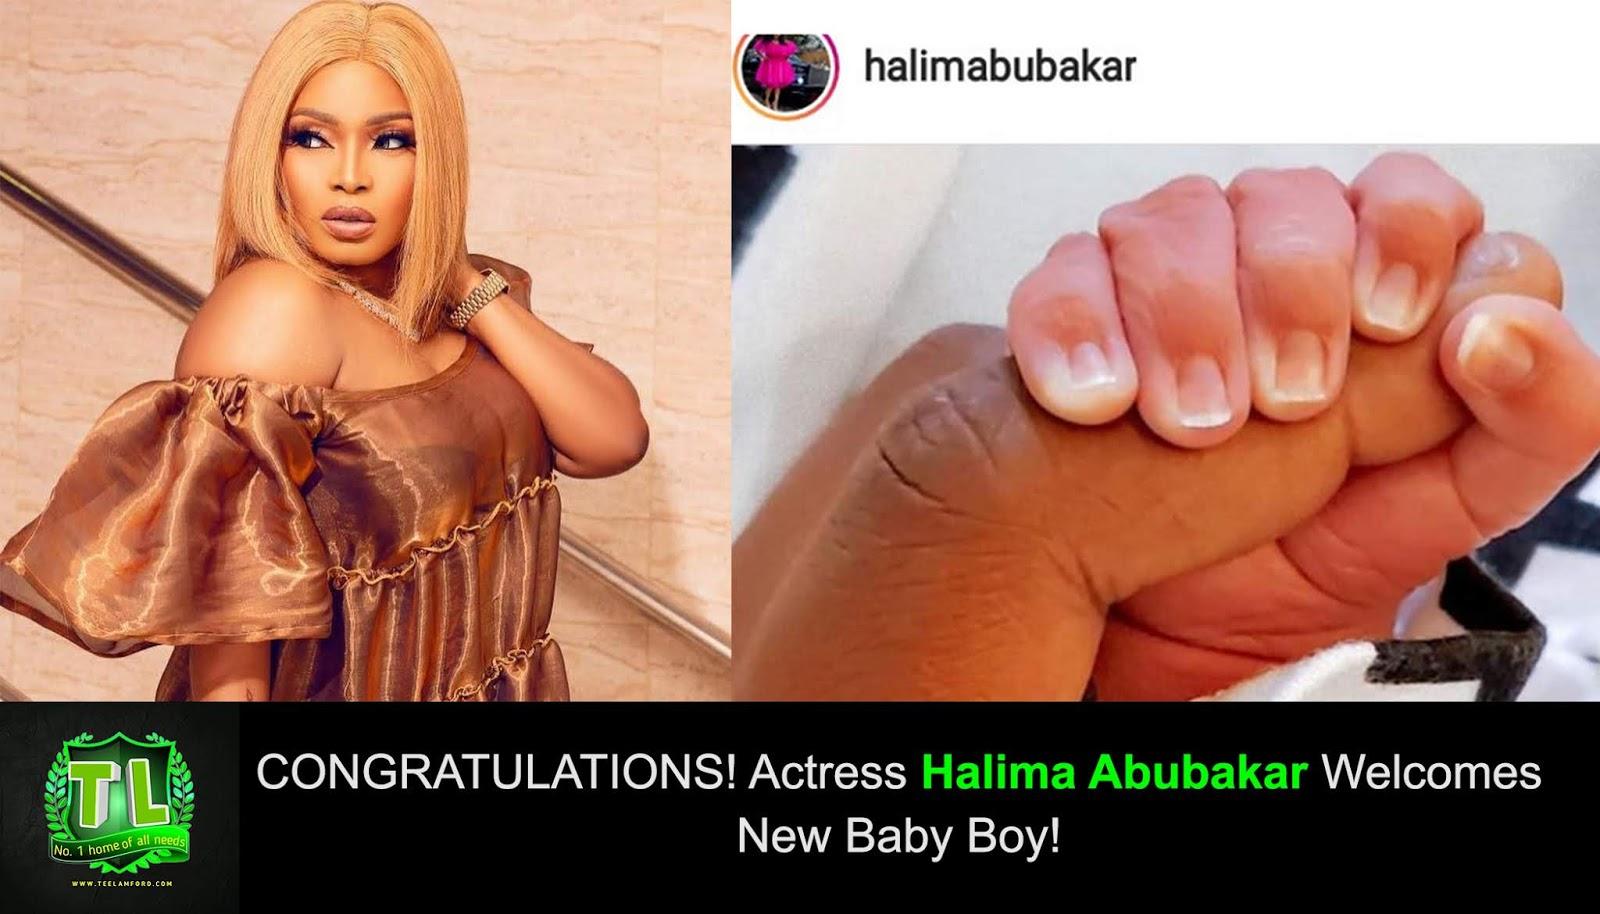 congratulations-actress-halima-abubakar-welcomes-new-baby-boy